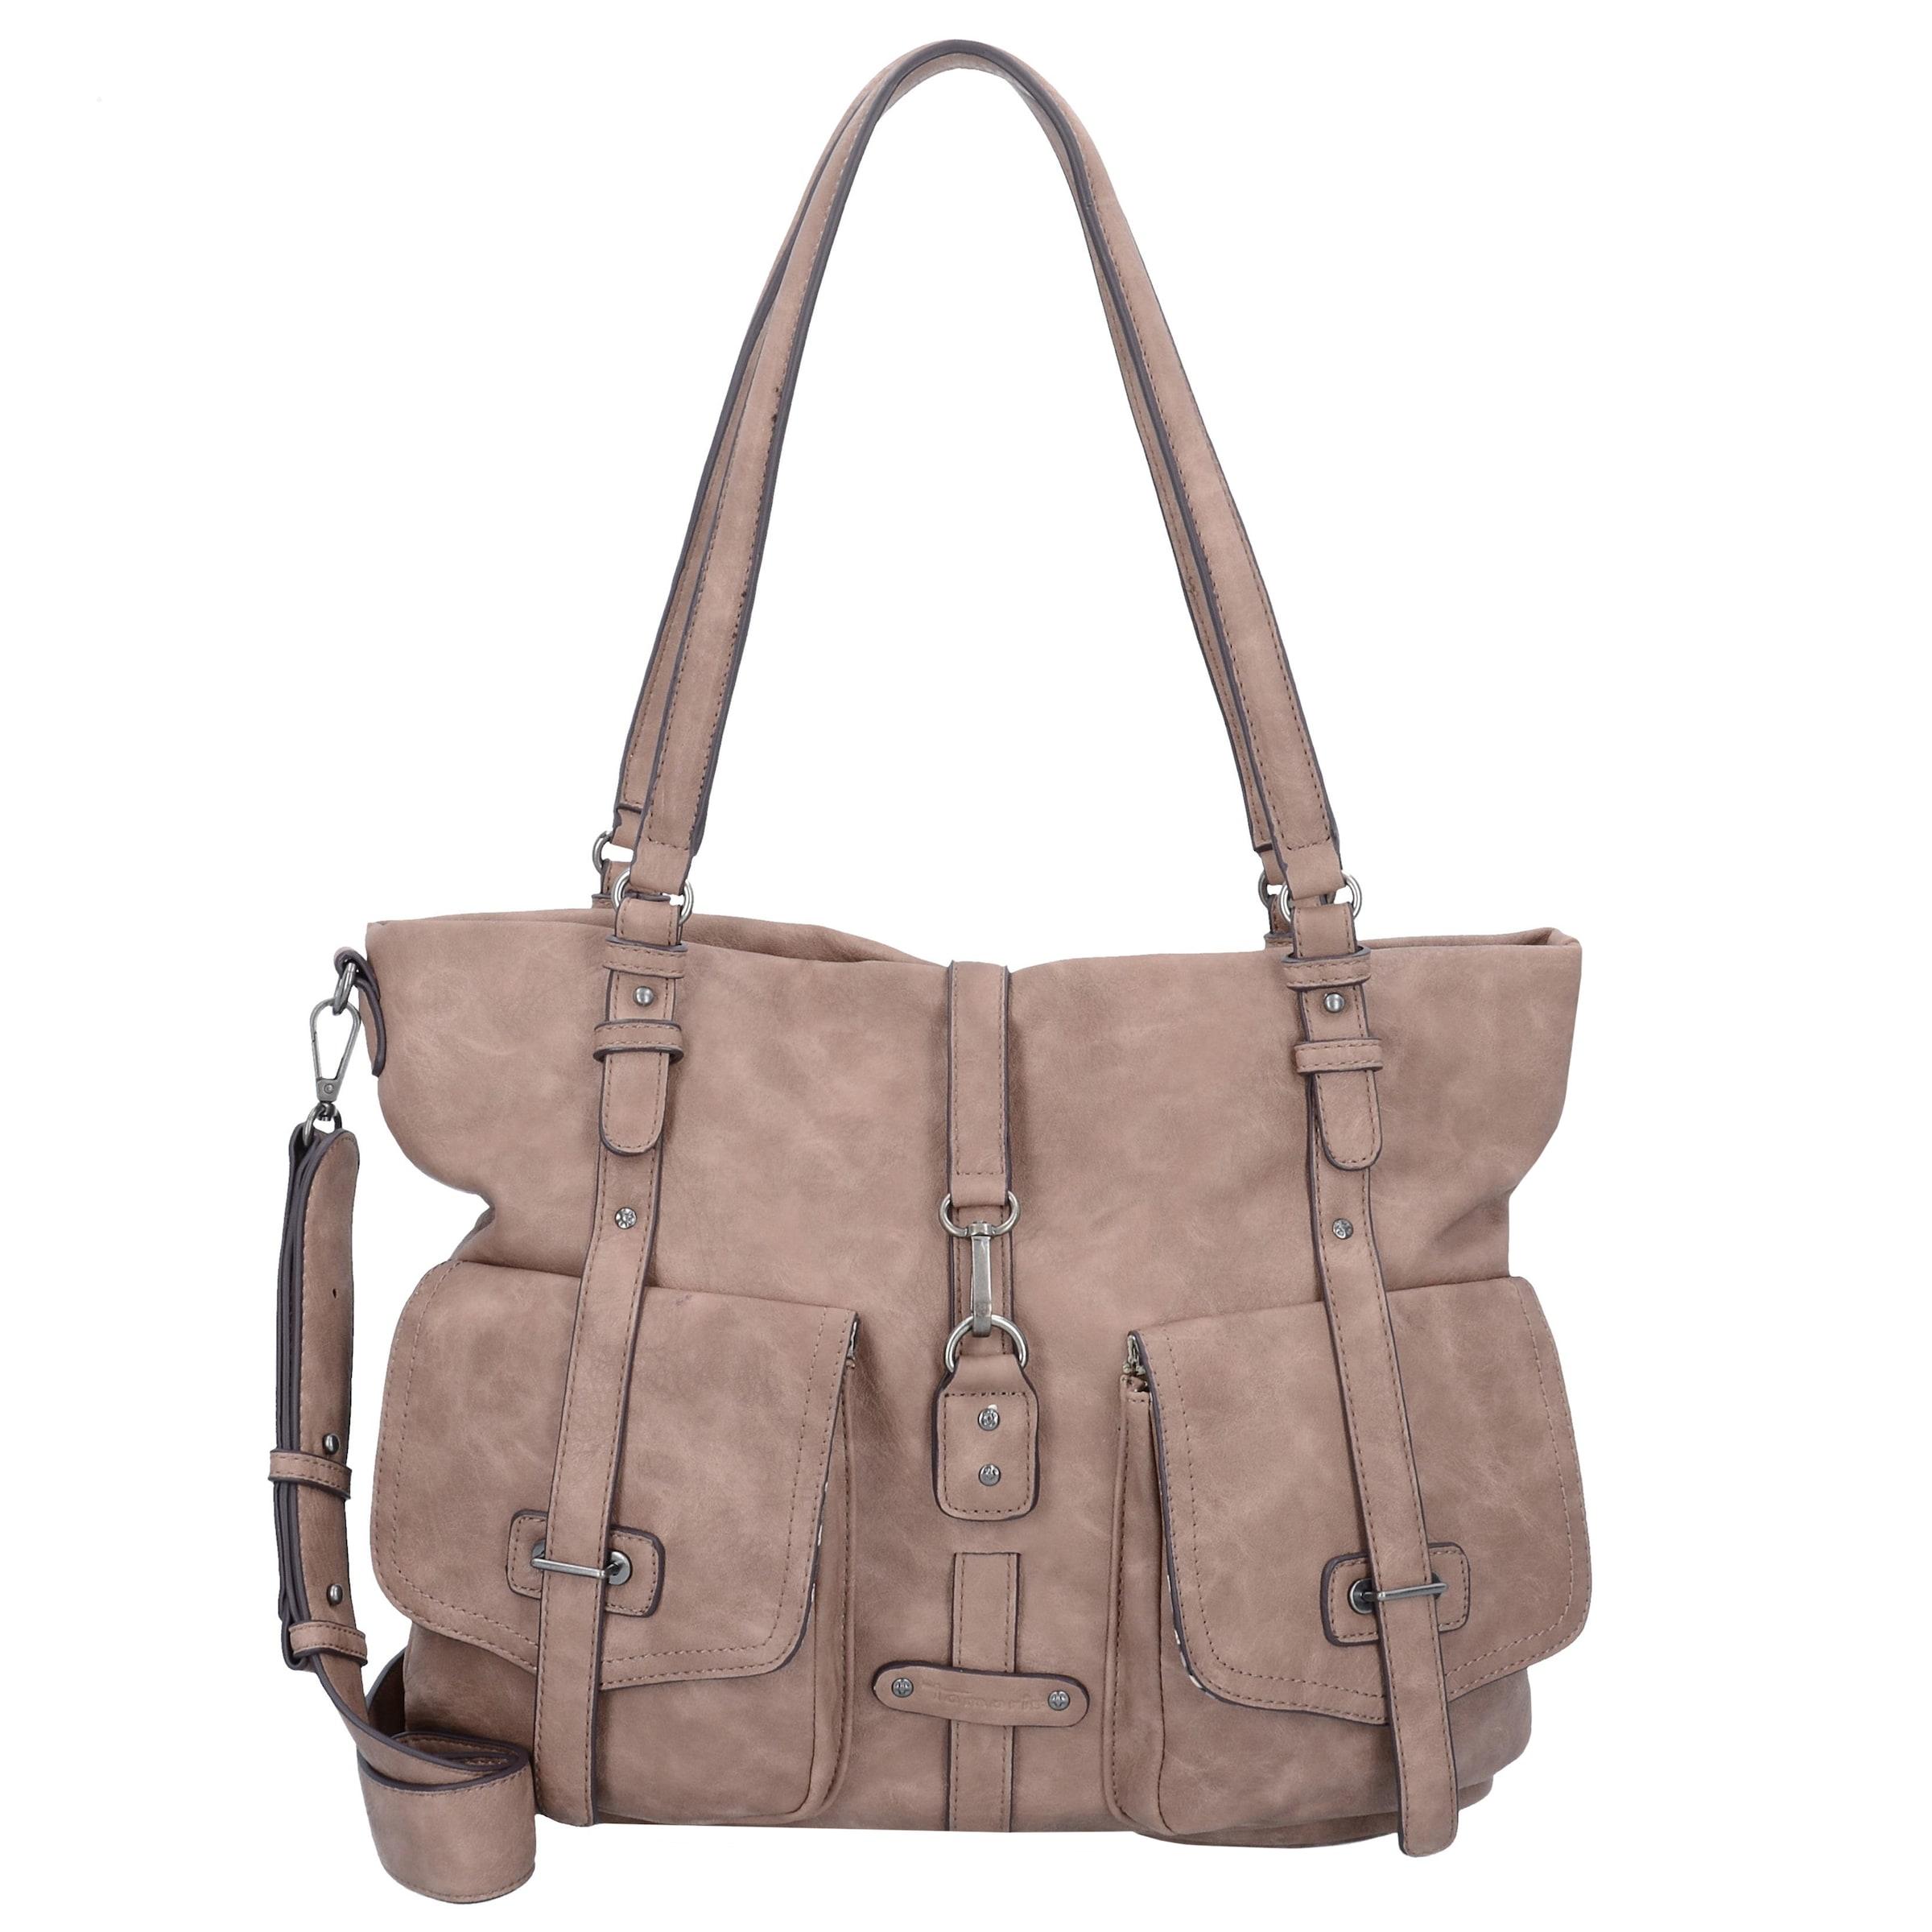 Tasche Shopper Bernadette TAMARIS TAMARIS cm 37 Bernadette ztt0Ivq